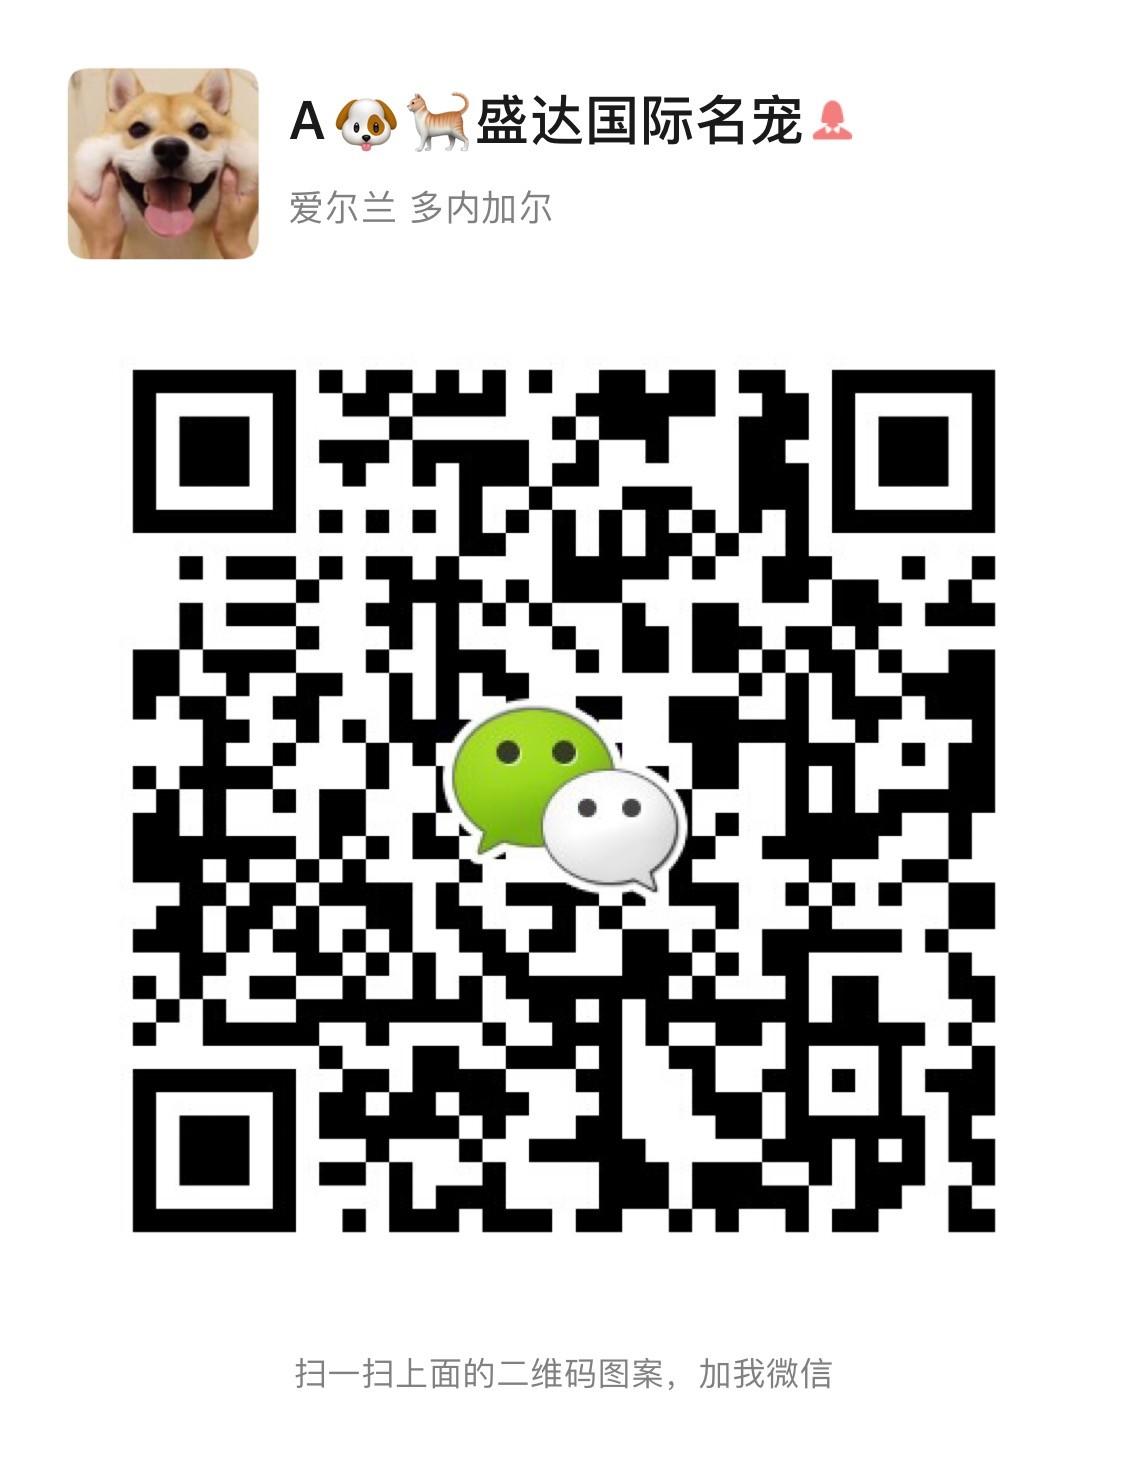 家养繁殖茶杯玩具可爱的韩国血统贵宾犬 贵宾犬价格5